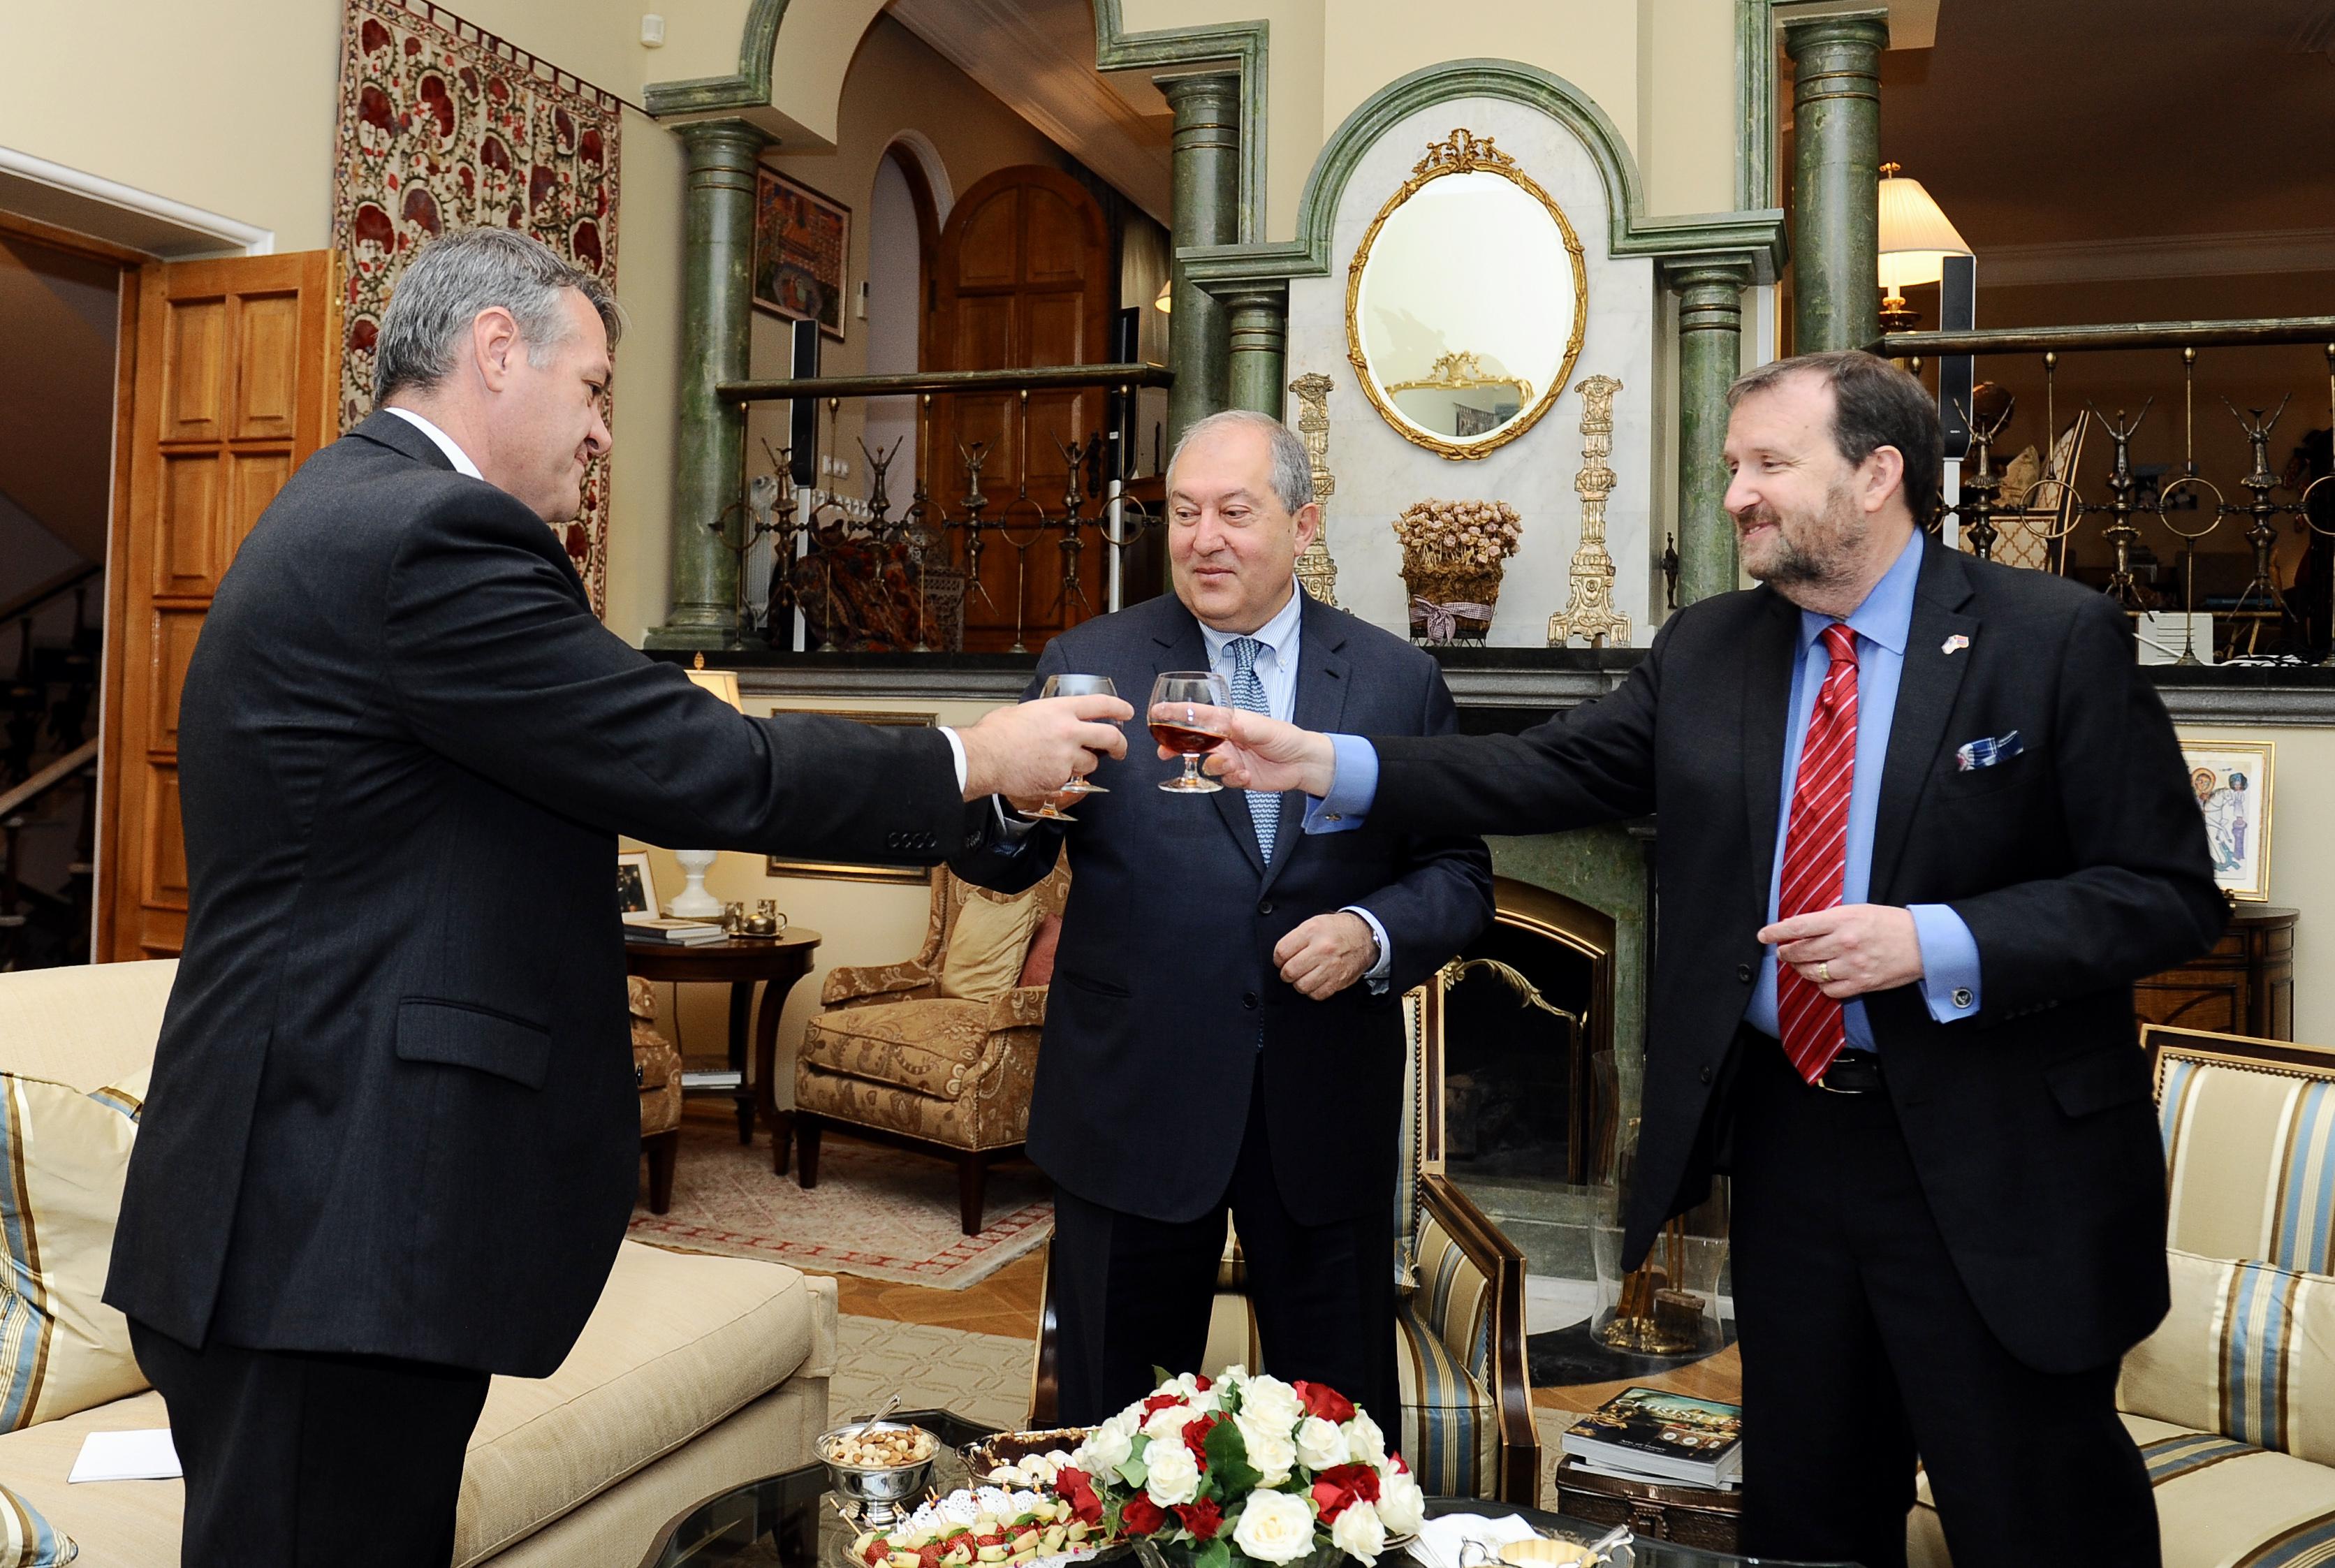 Նախագահ Արմեն Սարգսյանը ԱՄՆ Անկախության տոնի առթիվ շնորհավորել է դեսպան Միլսին (լուսանկարներ)